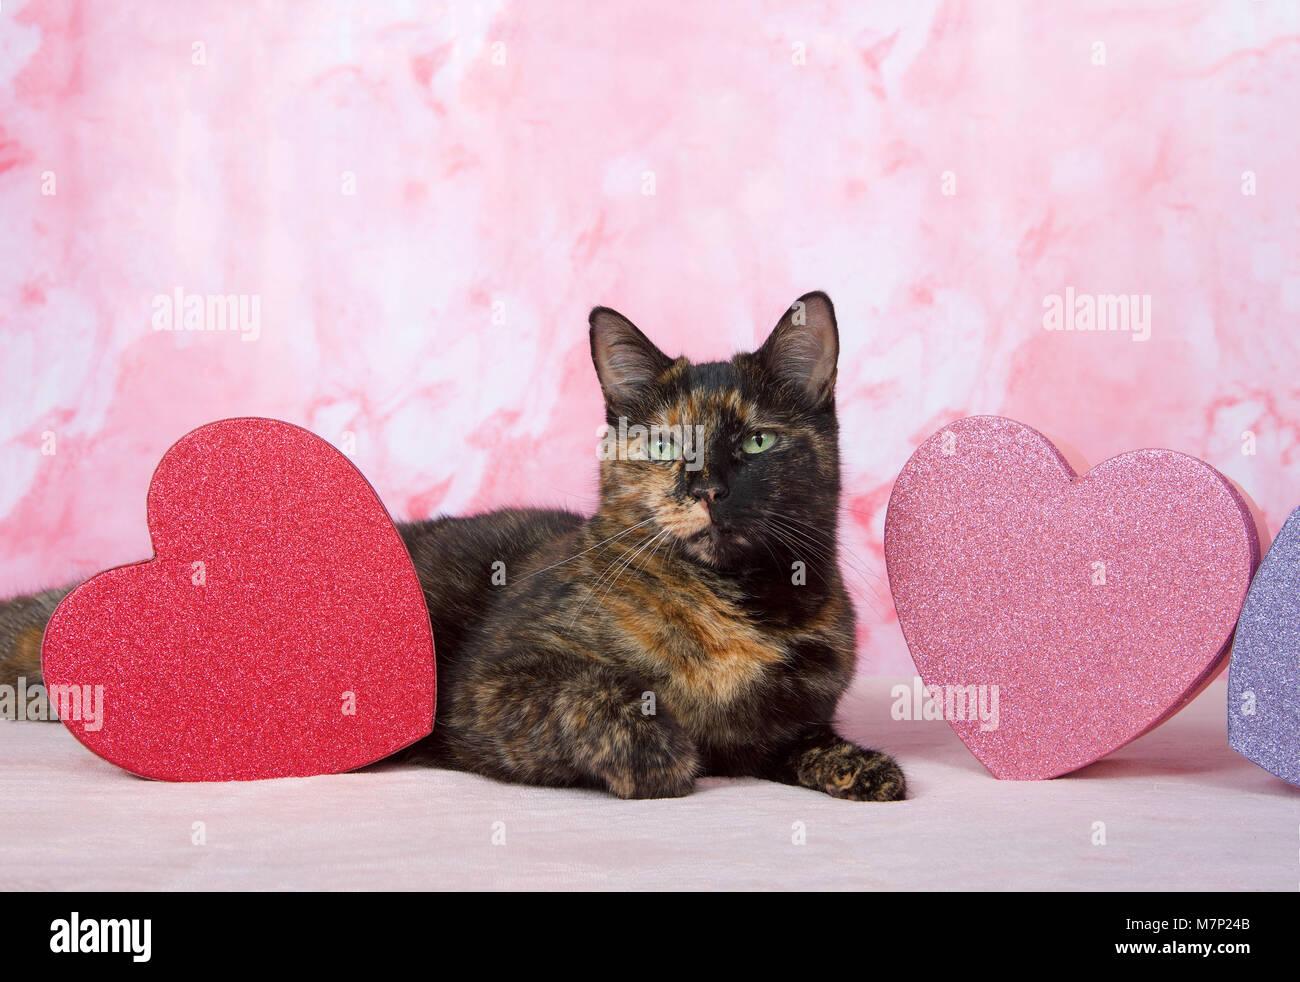 Adorabili Tartaruga Tortie Cat Posa Sulla Coperta Rosa In Marmo Con